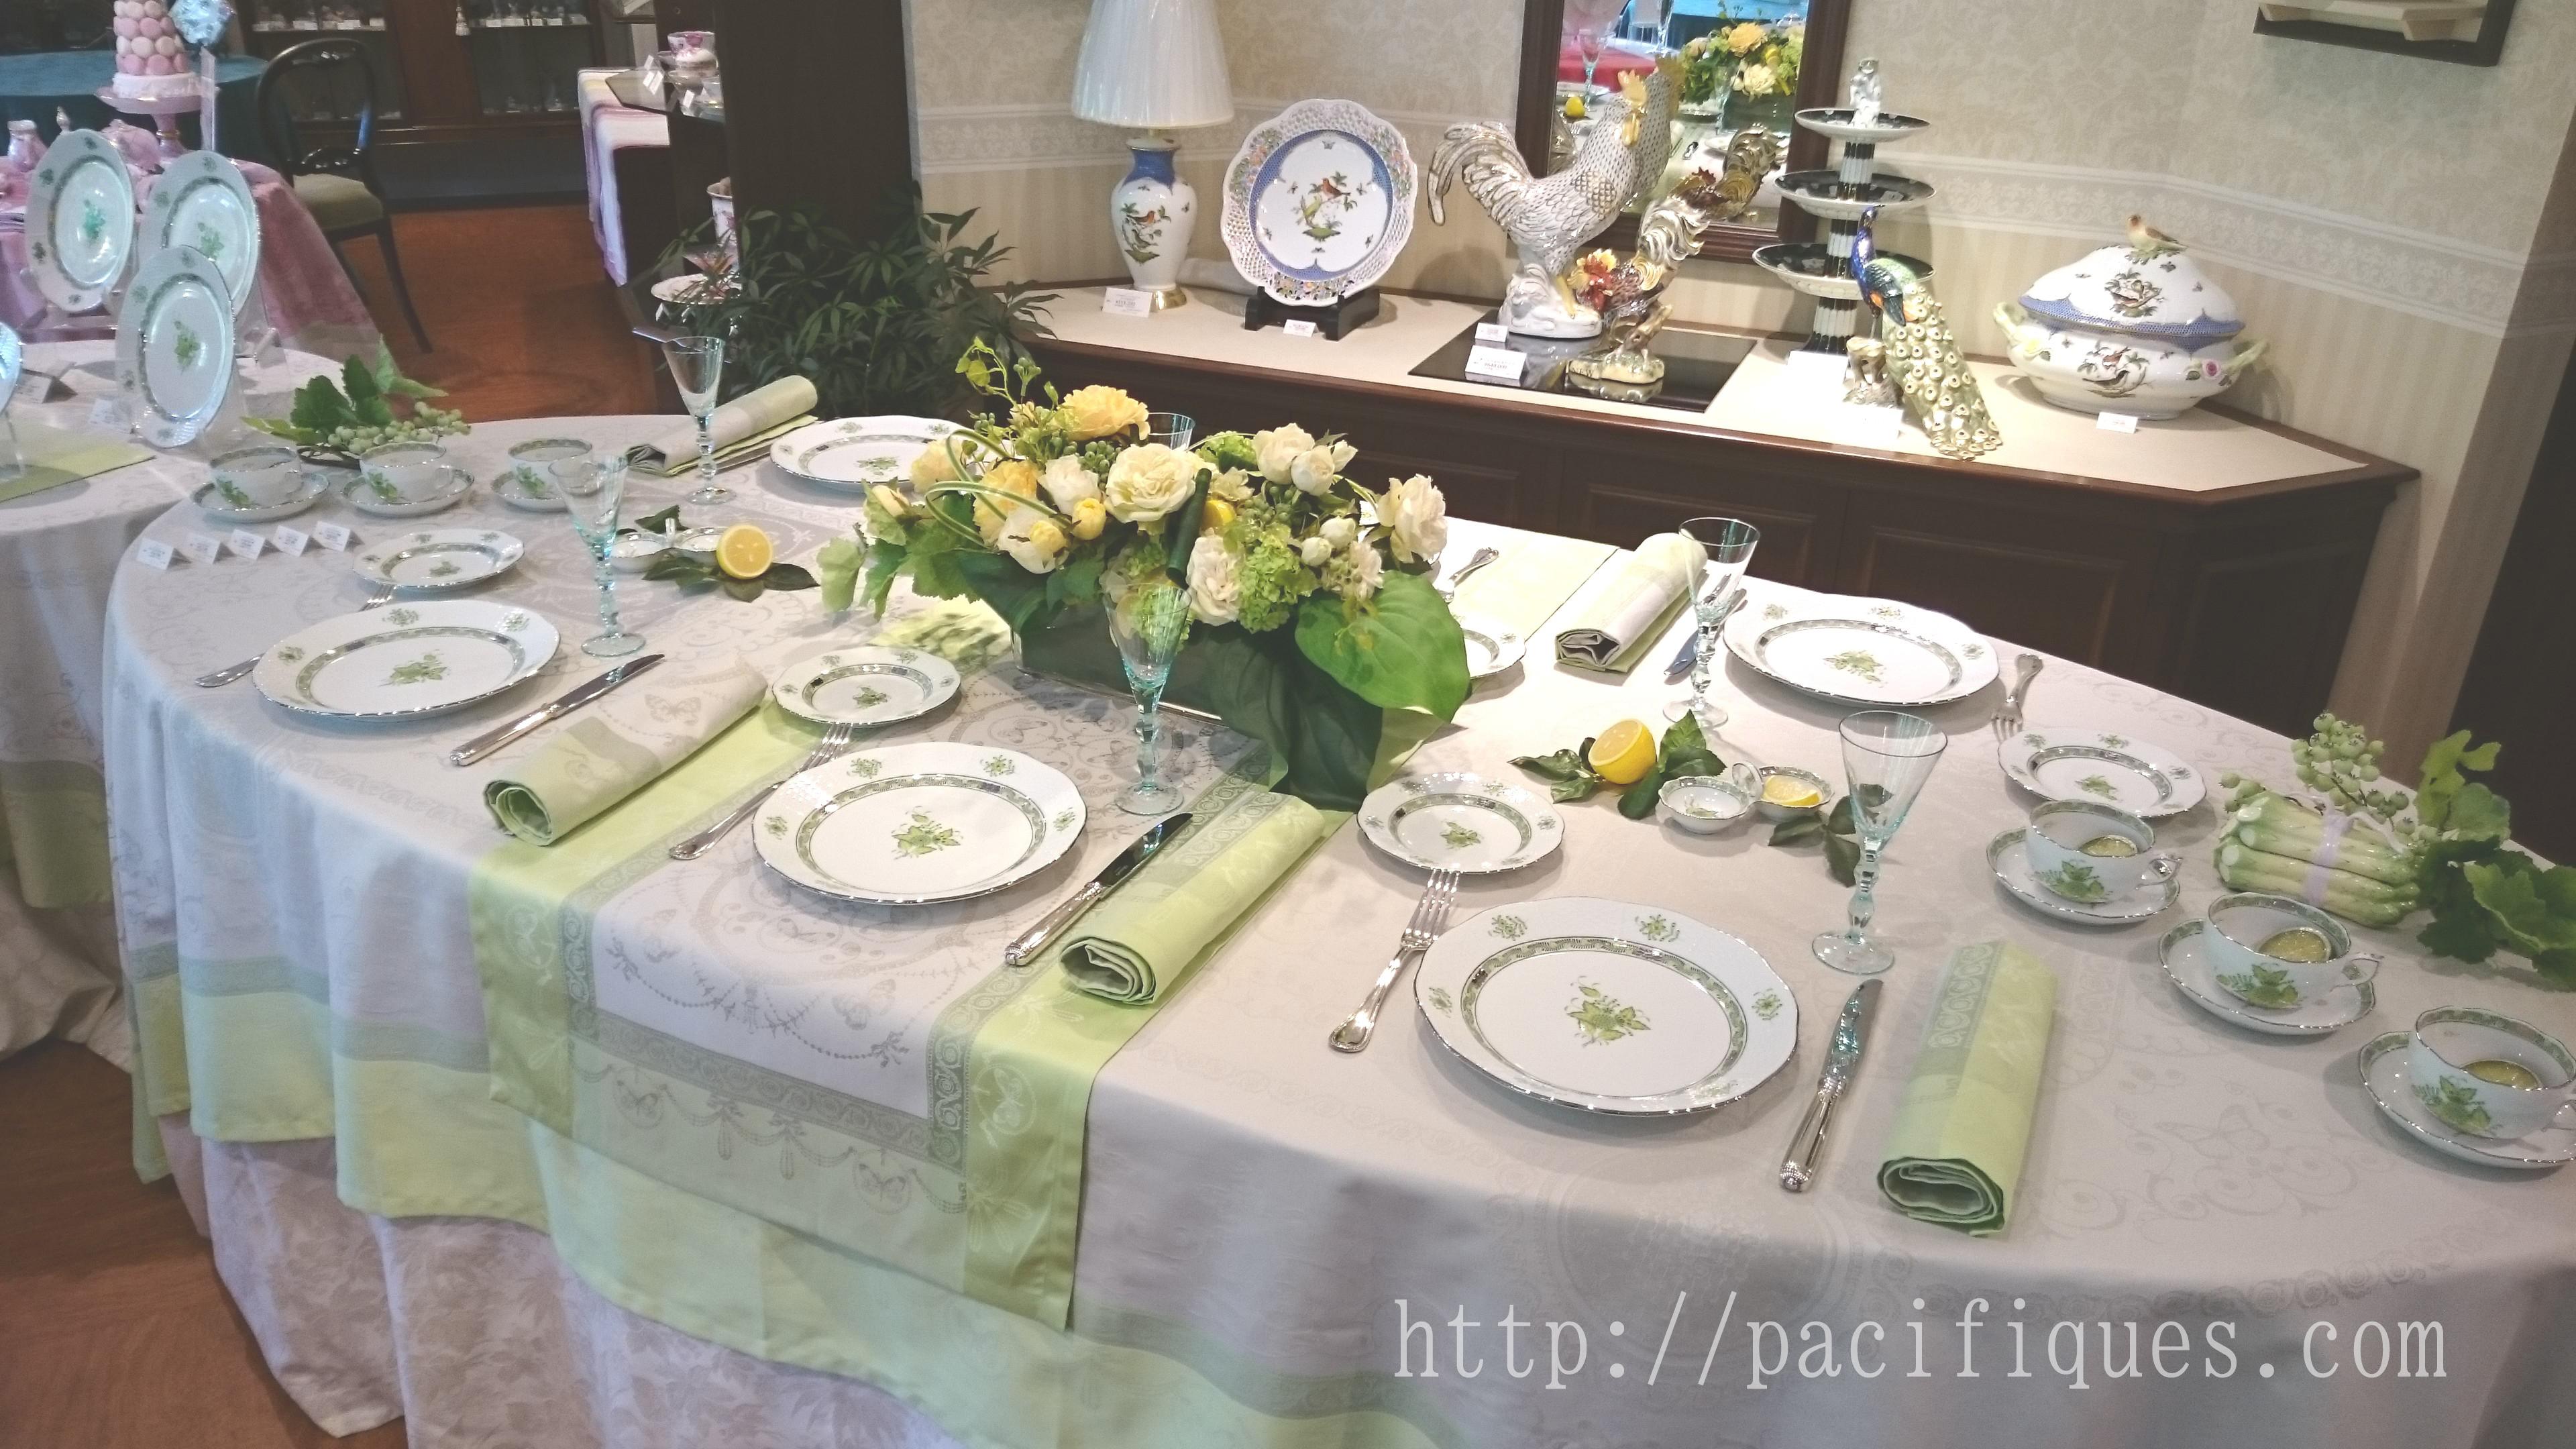 ガルニエ・ティエボー(Garnier Thiebaut)クラブヘレンドジャパン本店テーブルディスプレイ1706 ウジェニ(アマンド)2